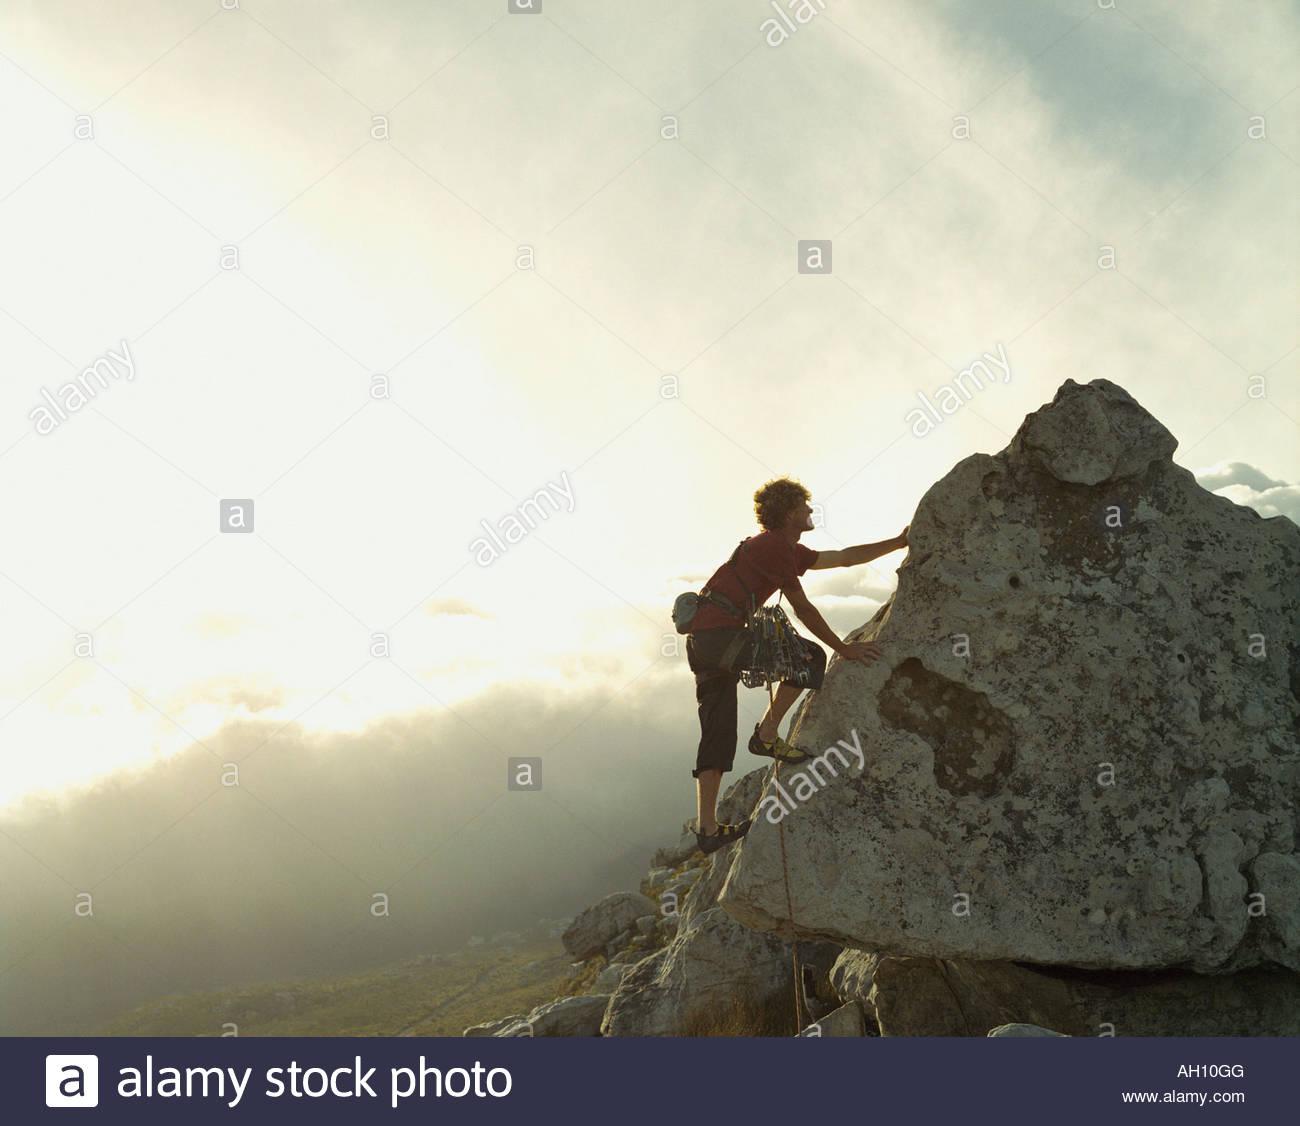 Un alpinista di raggiungere la cima di una montagna Immagini Stock